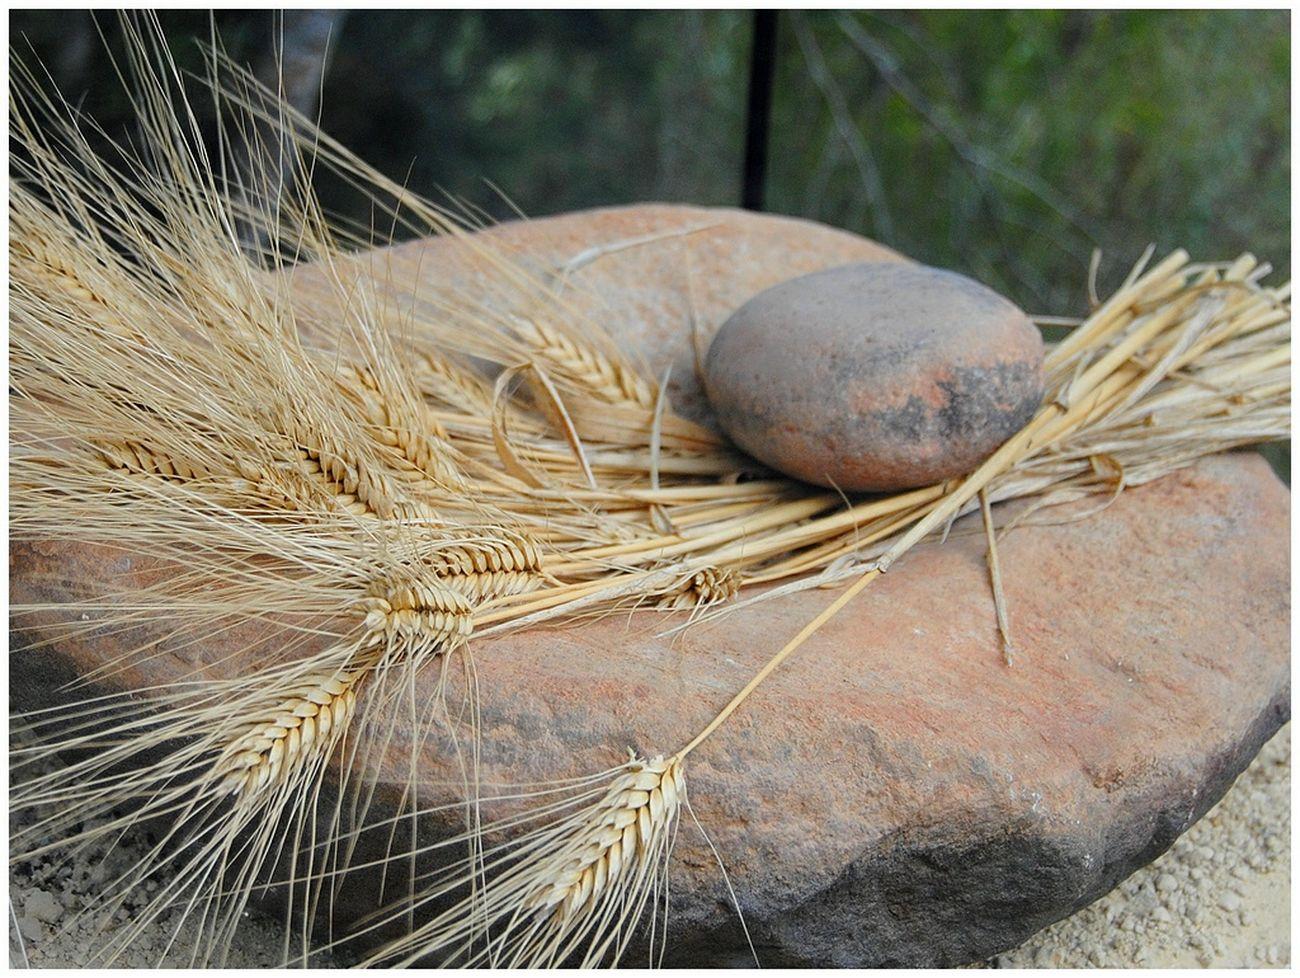 Taking Photos Meze Le Parc Des Dinosaures France Meule BLE Wheat Eyeemphotography Millstone Prehistoric